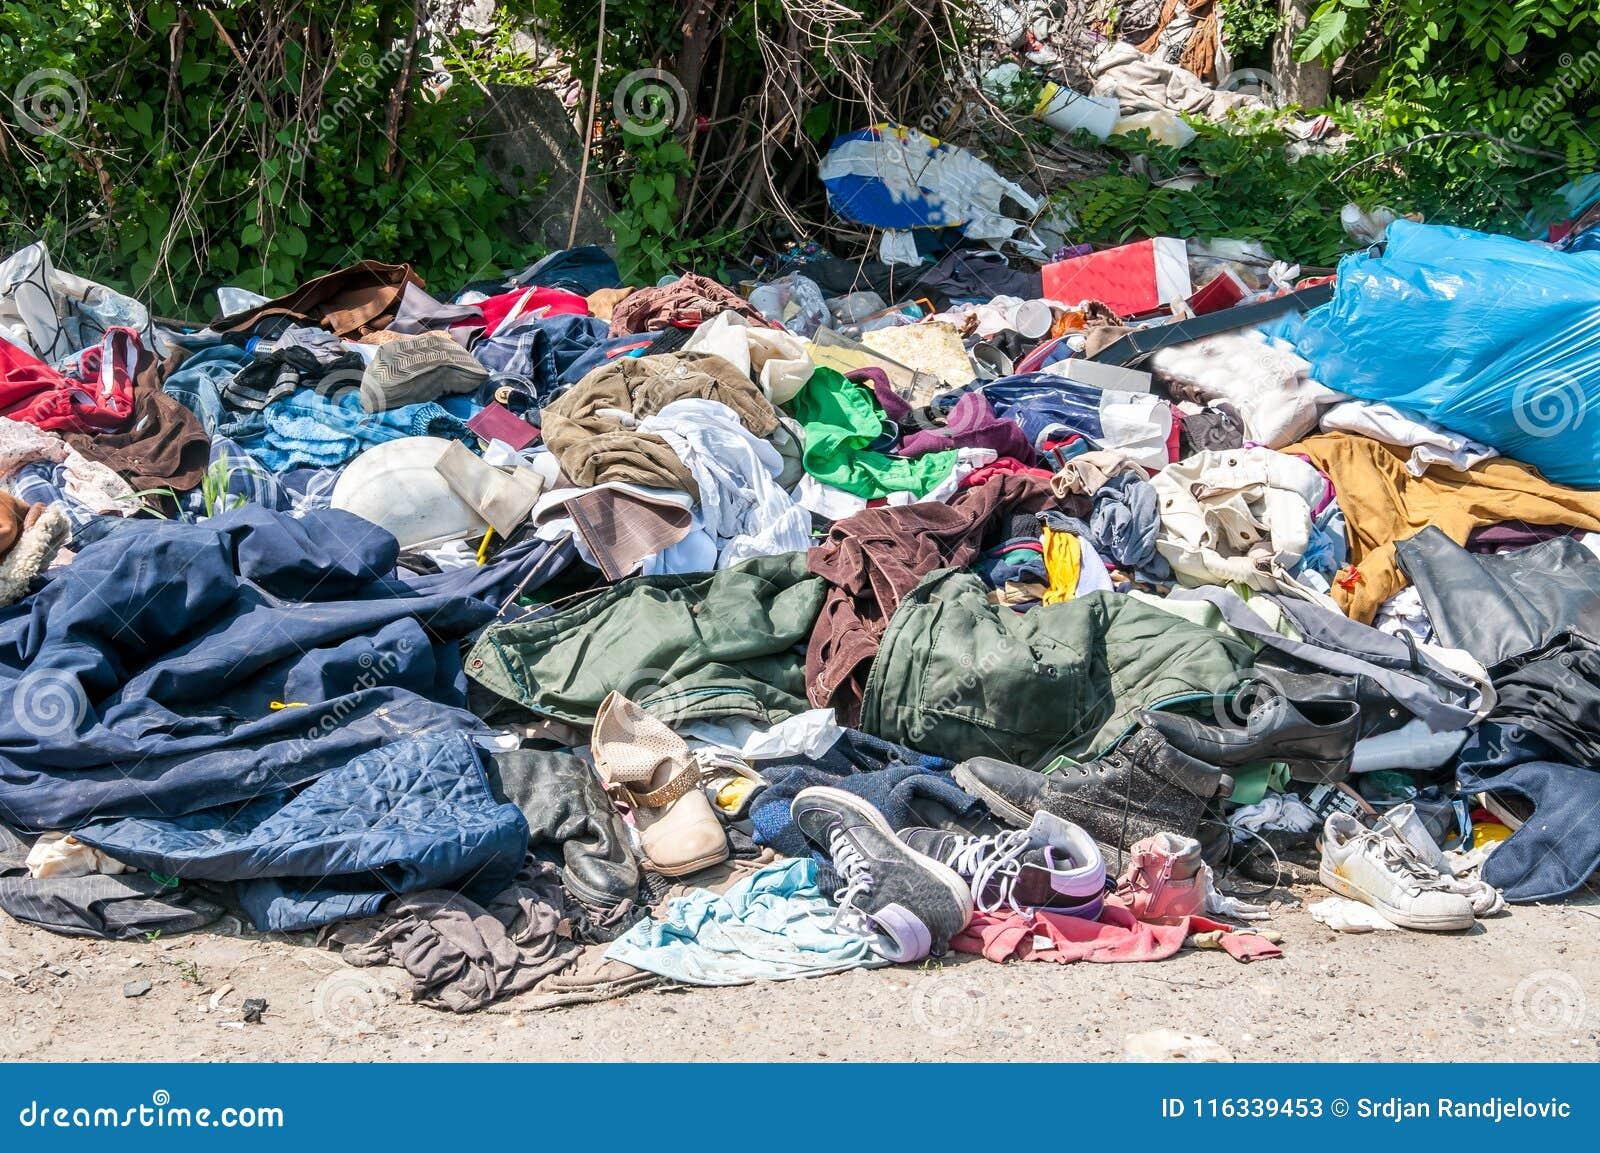 Куча старых одежд и ботинок сбросила на траве как старье и отброс, засаривая и загрязняя окружающую среду